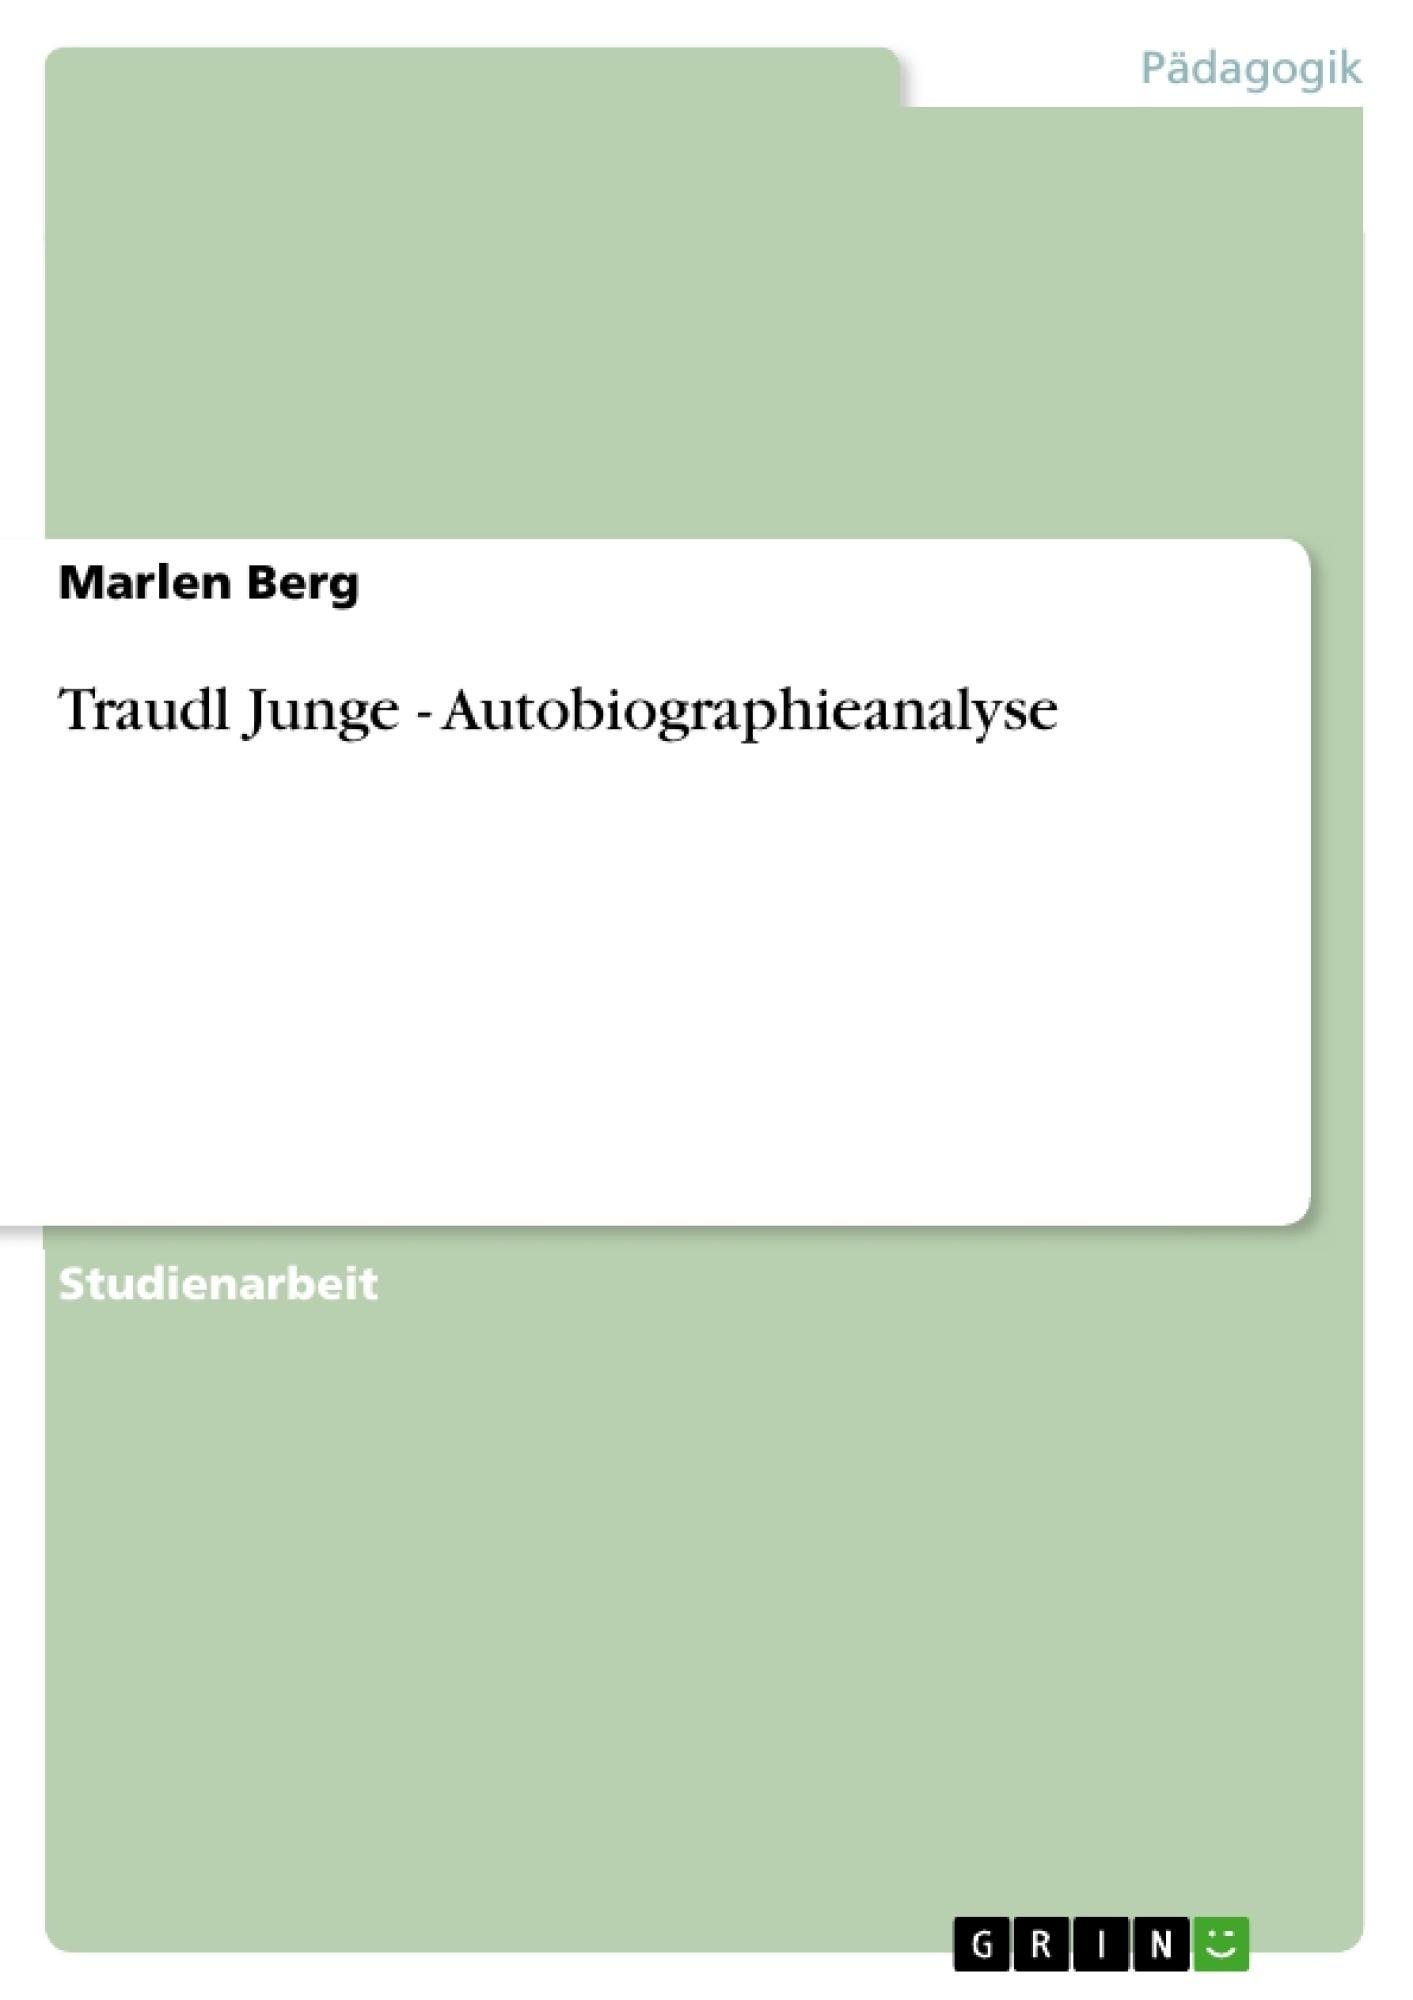 Titel: Traudl Junge - Autobiographieanalyse